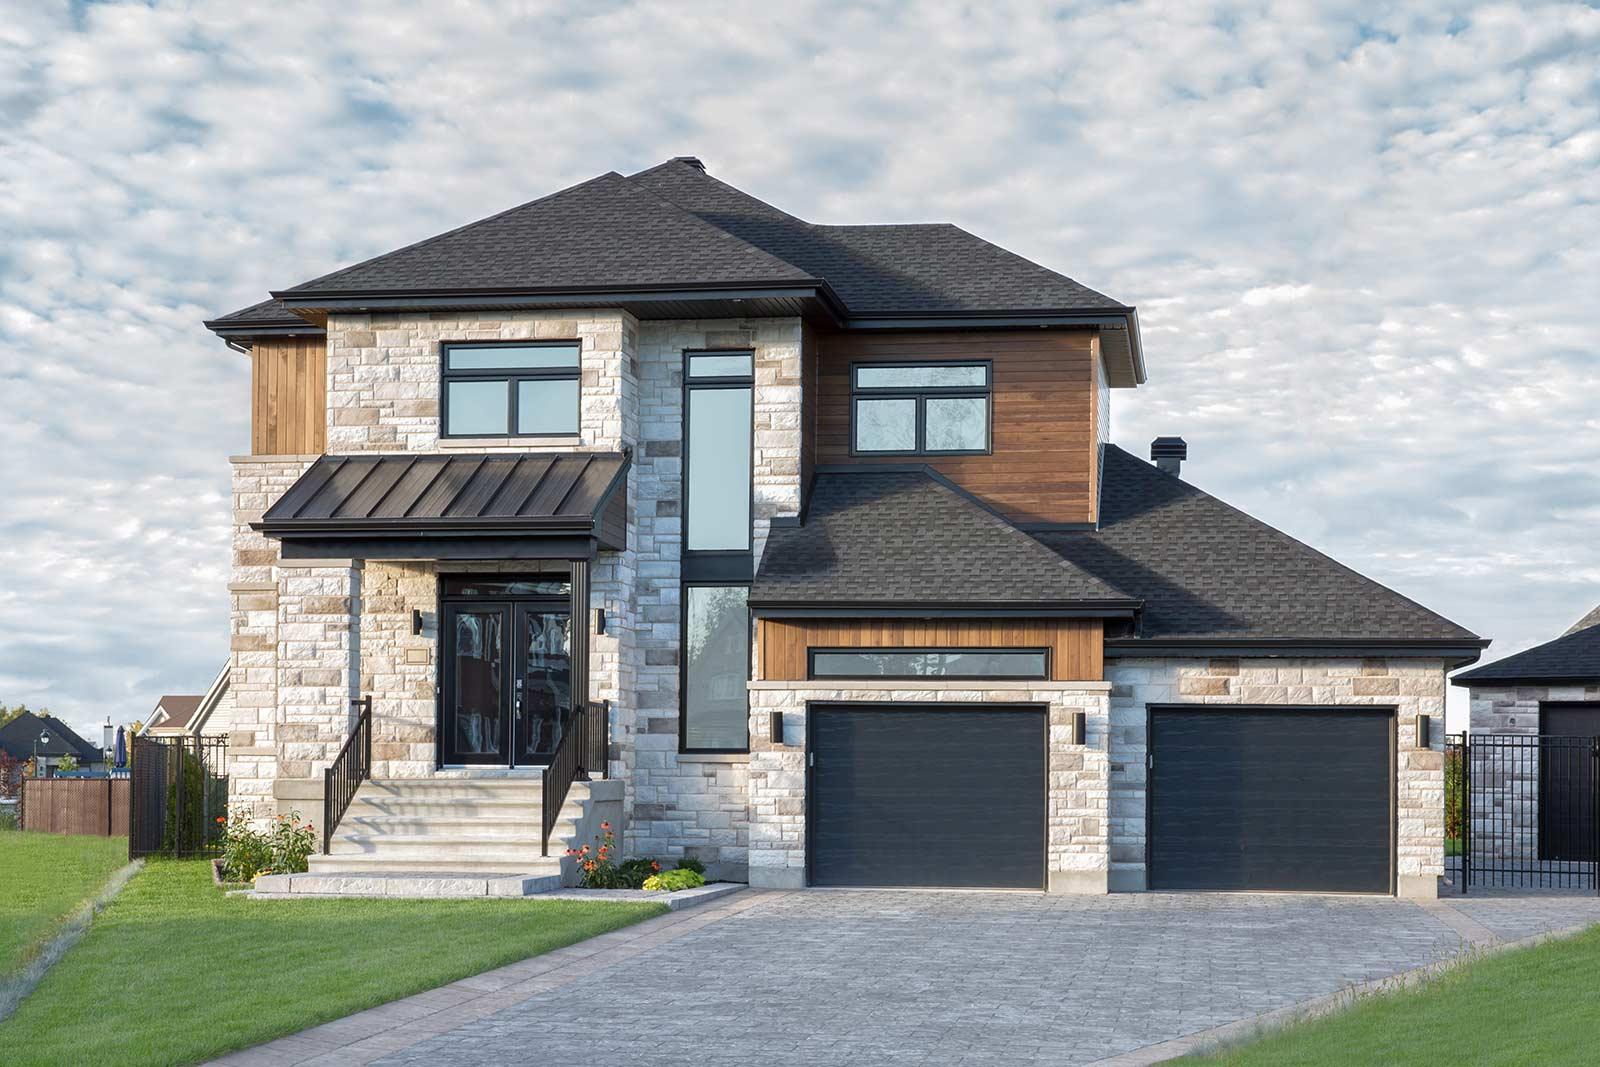 Votre maison neuve ou condo neuf sur la rive nord de montr al gbd construction - Maison neuve ou ancienne ...